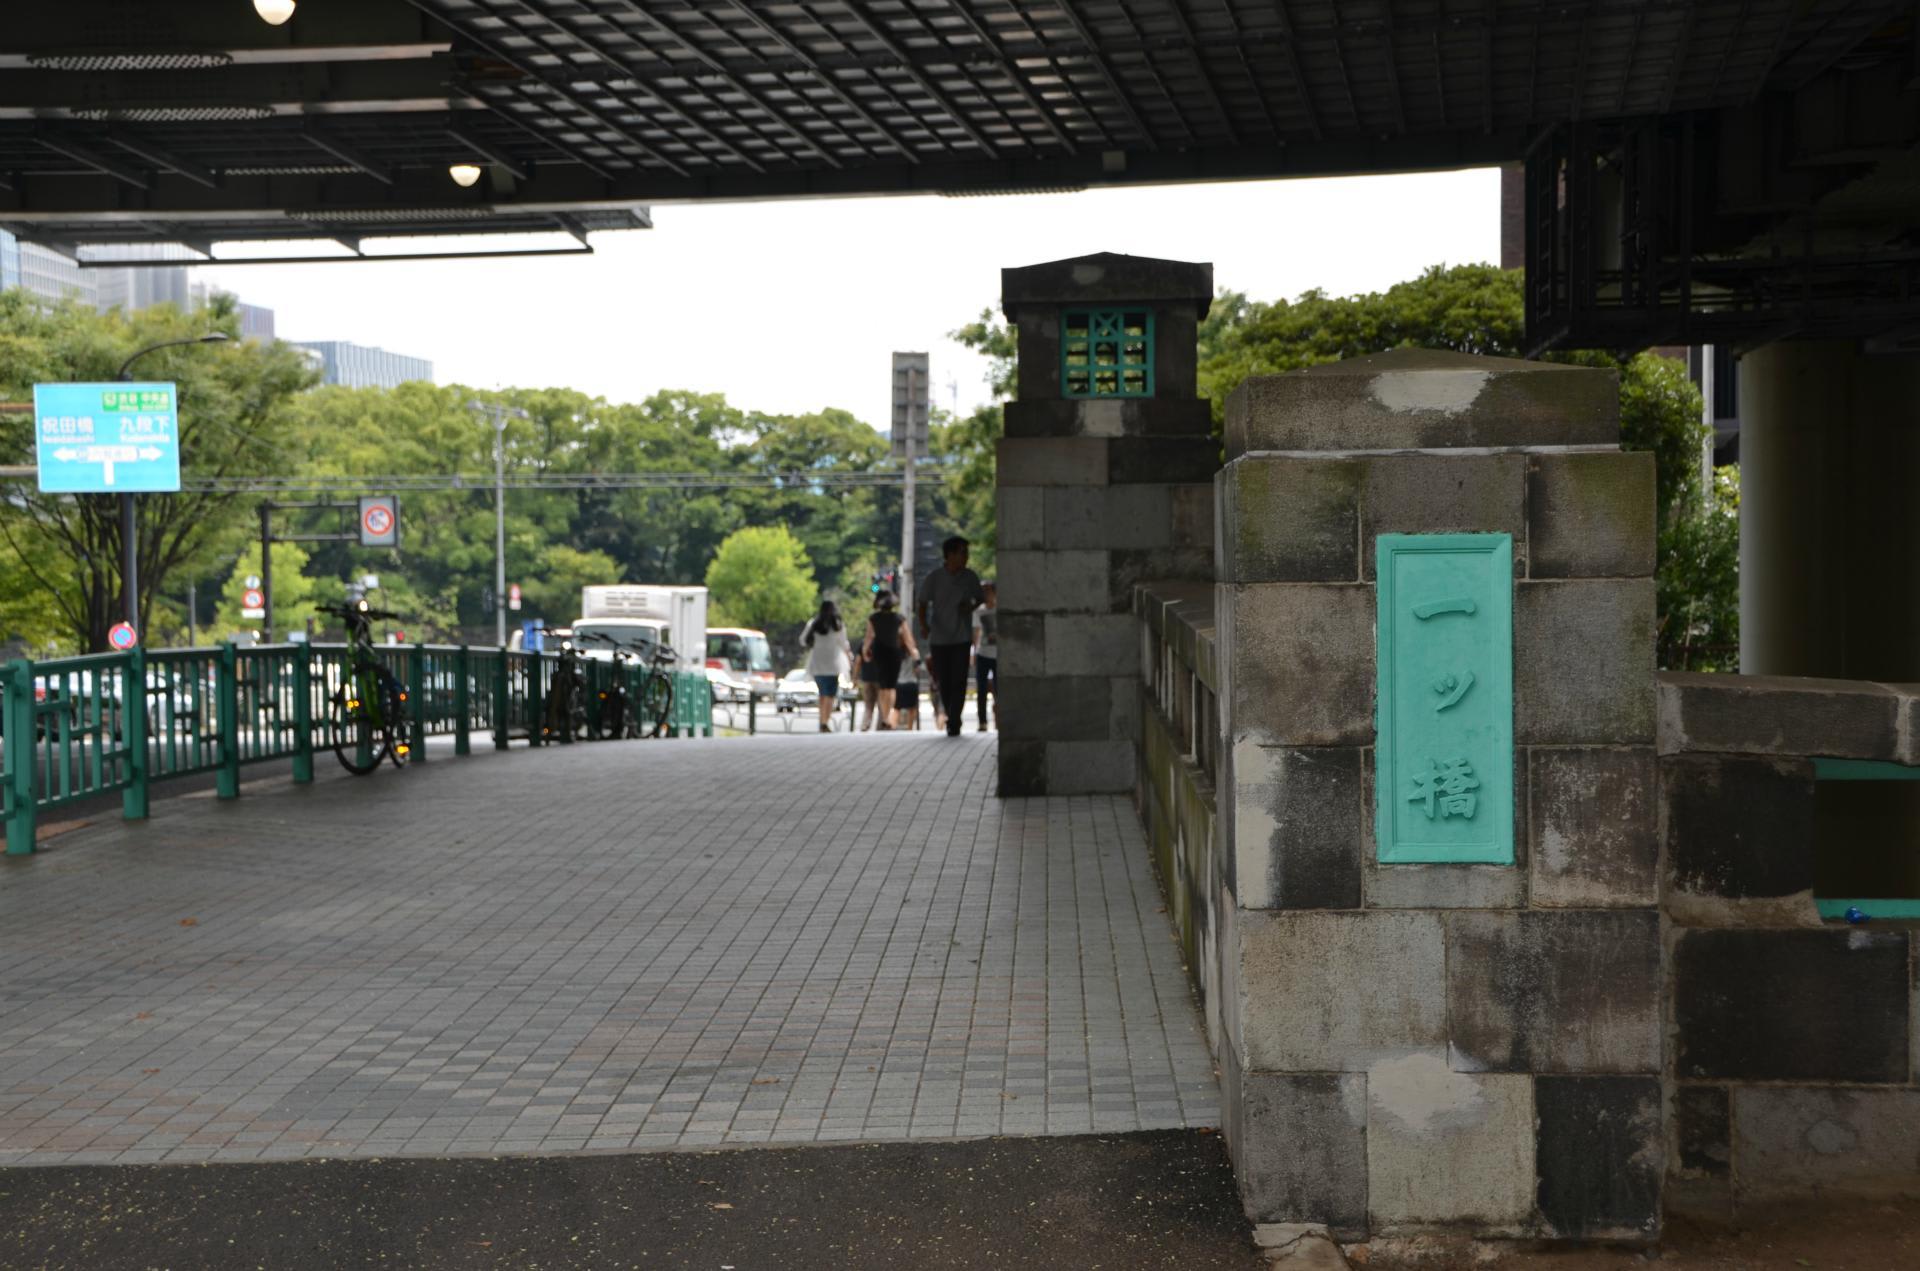 神保町彷徨ー一ツ橋から錦華通りへ - matasaburo3の散歩日記